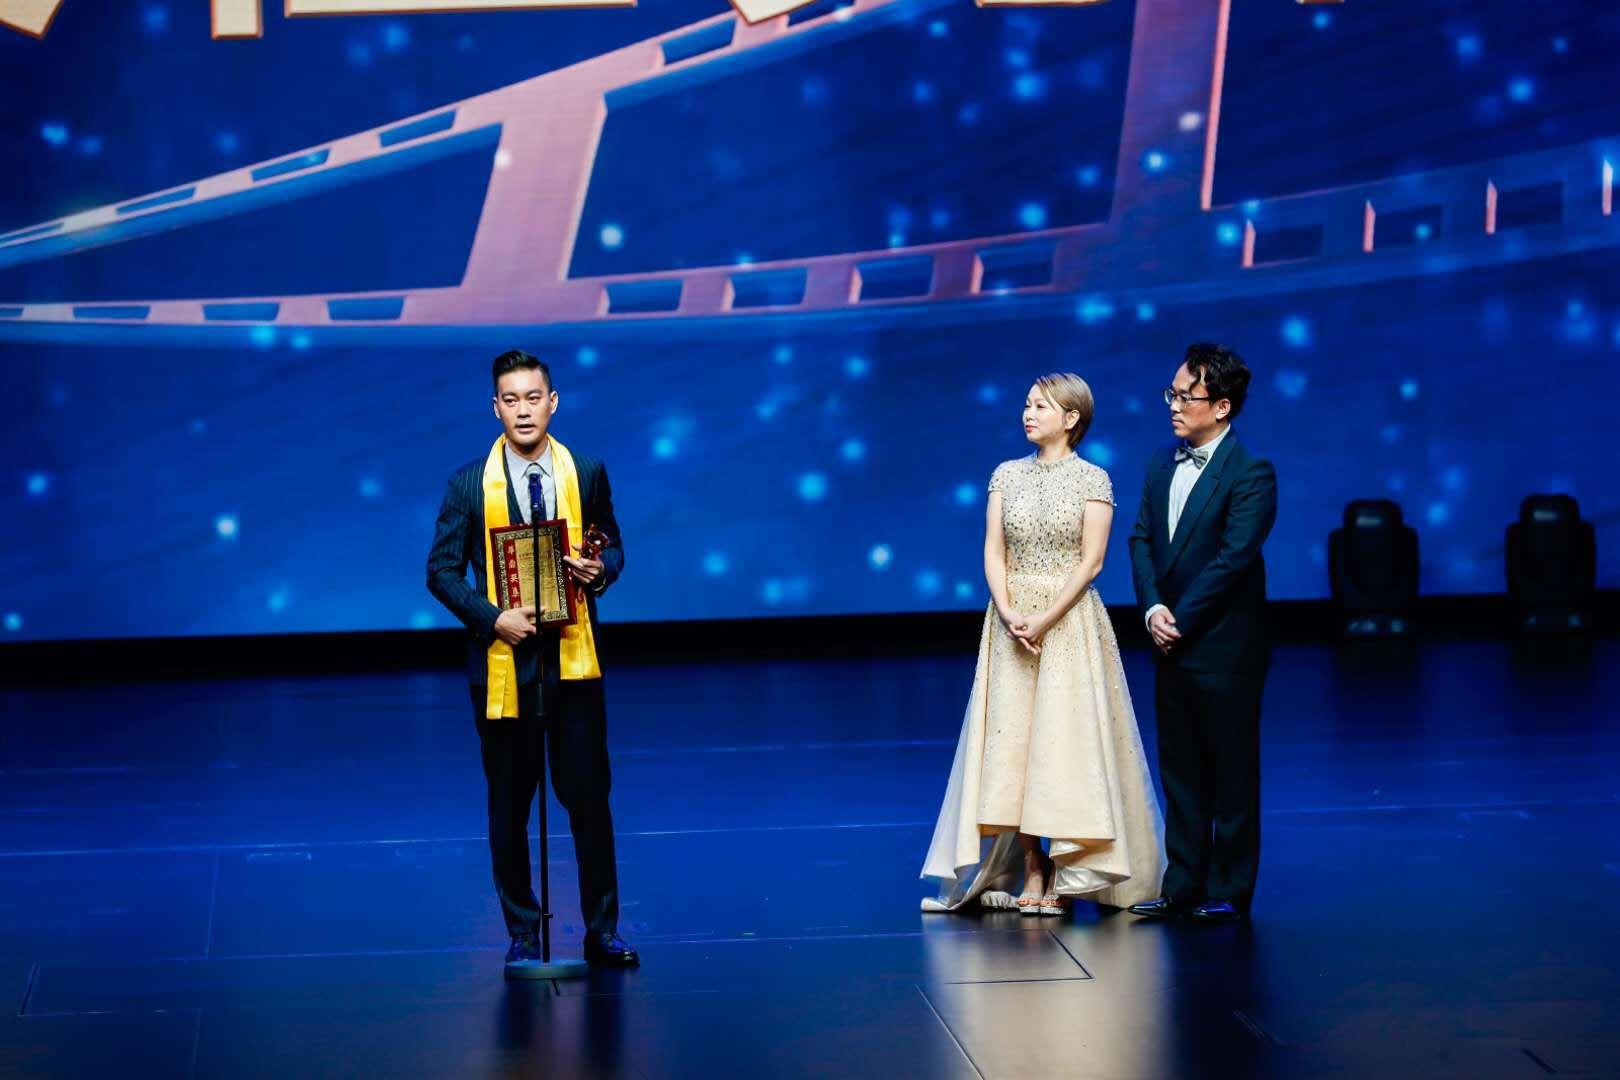 第27届华鼎奖宣布陈国坤以《叶问4》获得最佳男选手